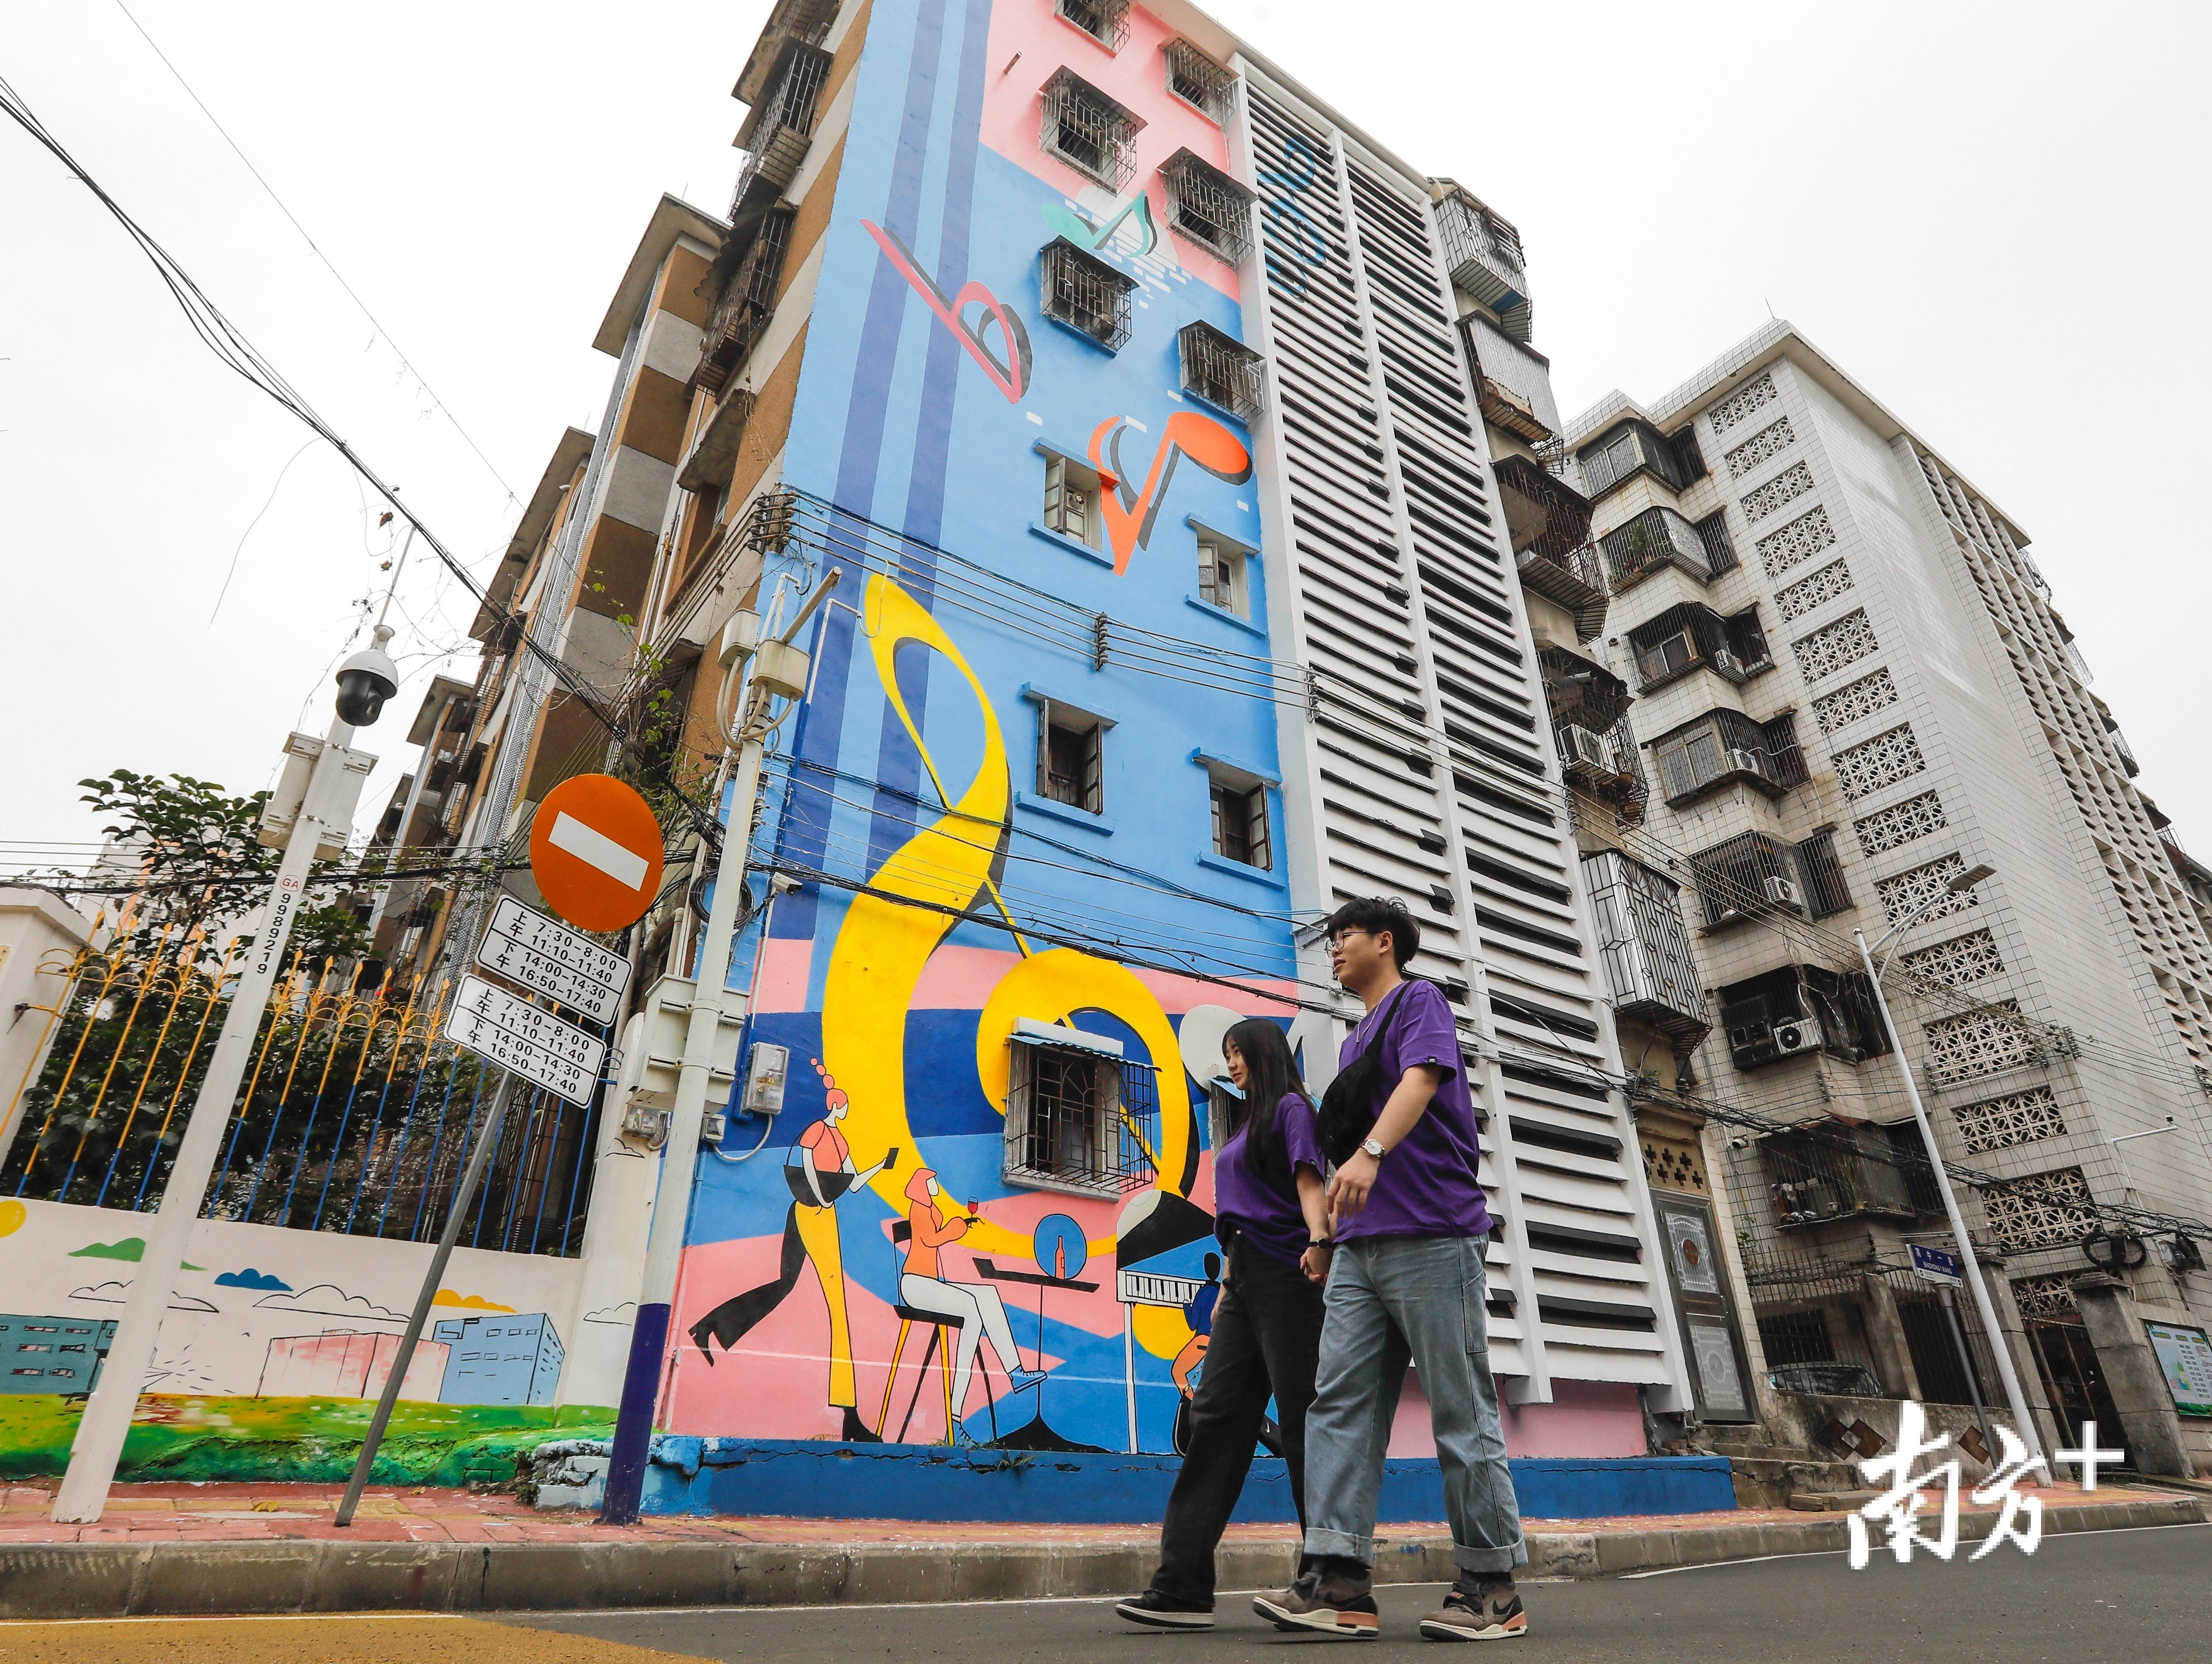 好心绿道经过的方兴小区钢琴楼面涂鸦成为著名的网红打卡点。